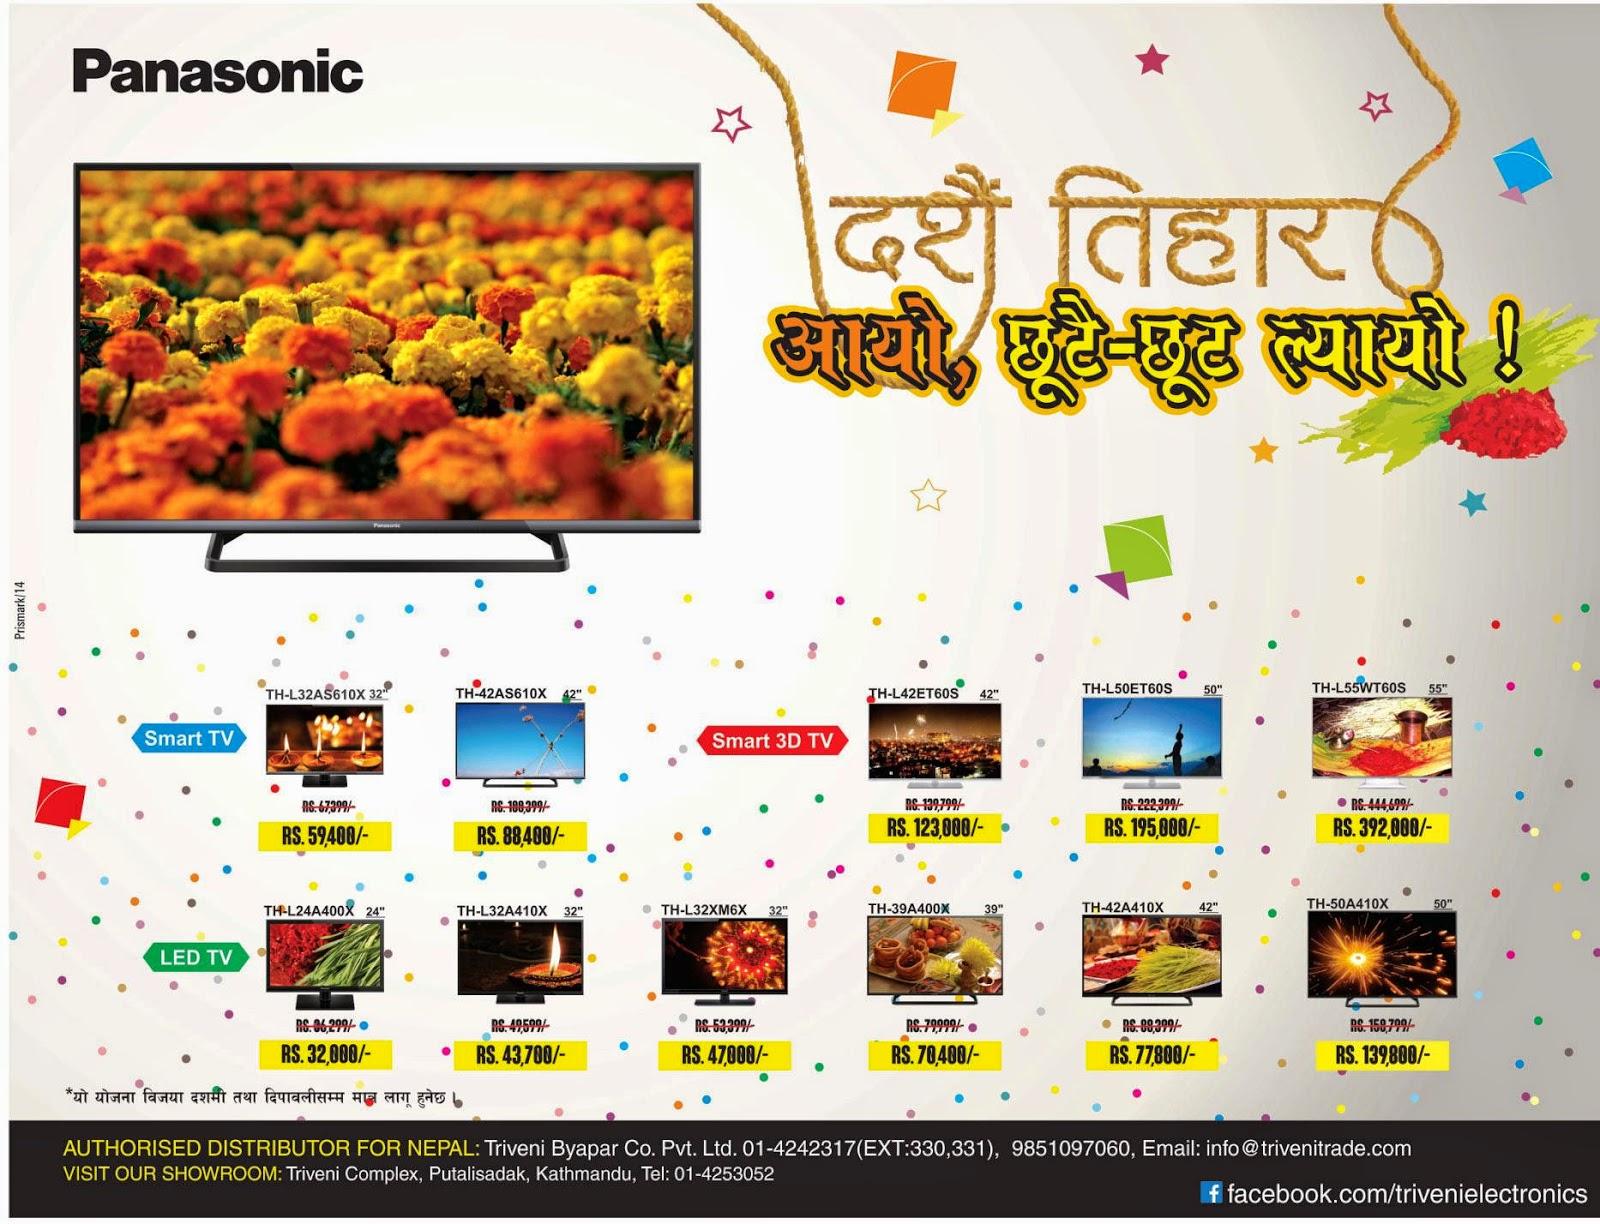 Panasonic-Smart-TV-Price-Nepal